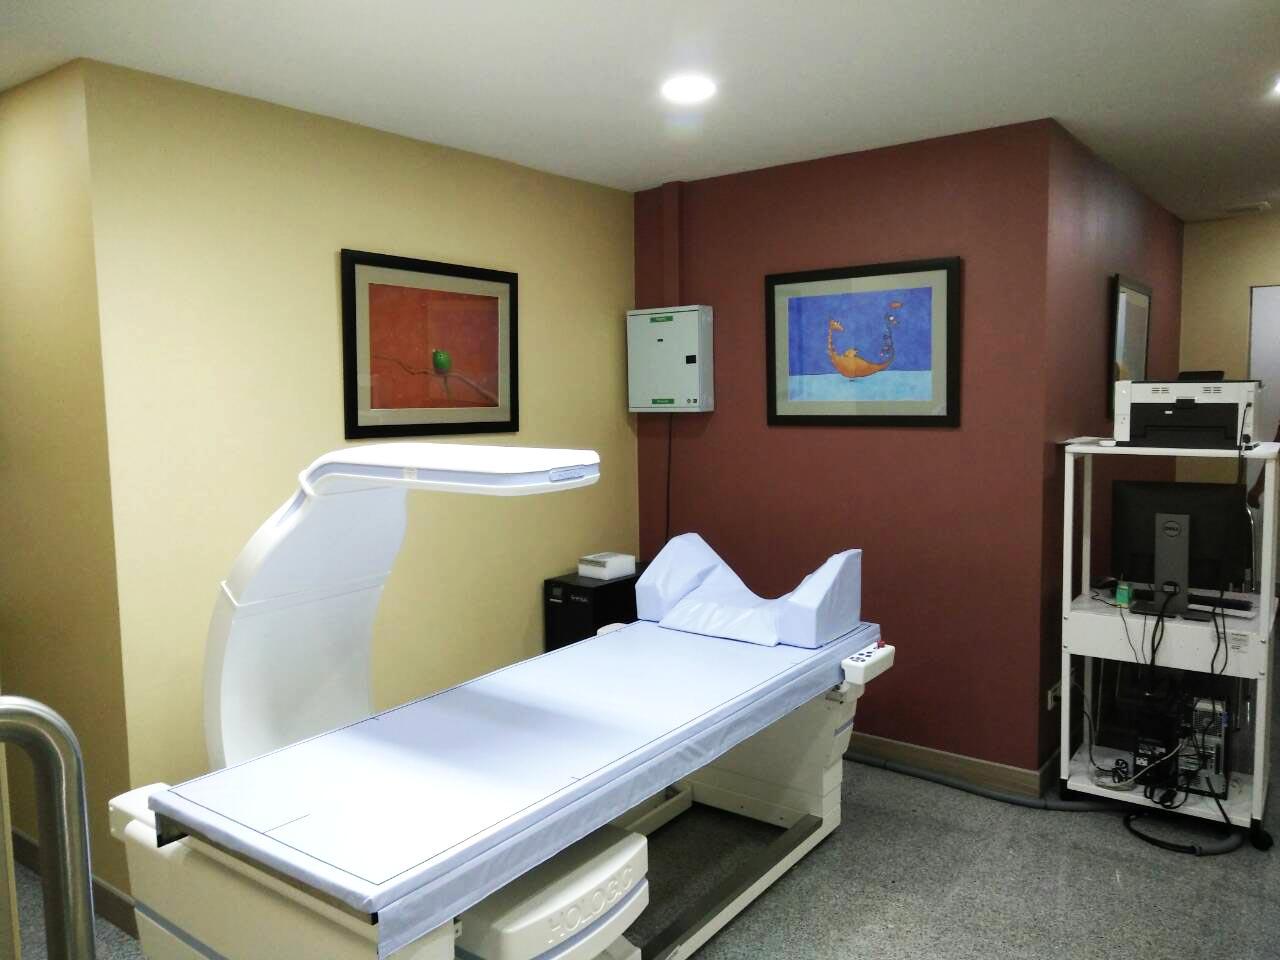 3 ปรับบปรุง โรงพยาบาลจุฬาภรณ์ แผนก bonedens (1)